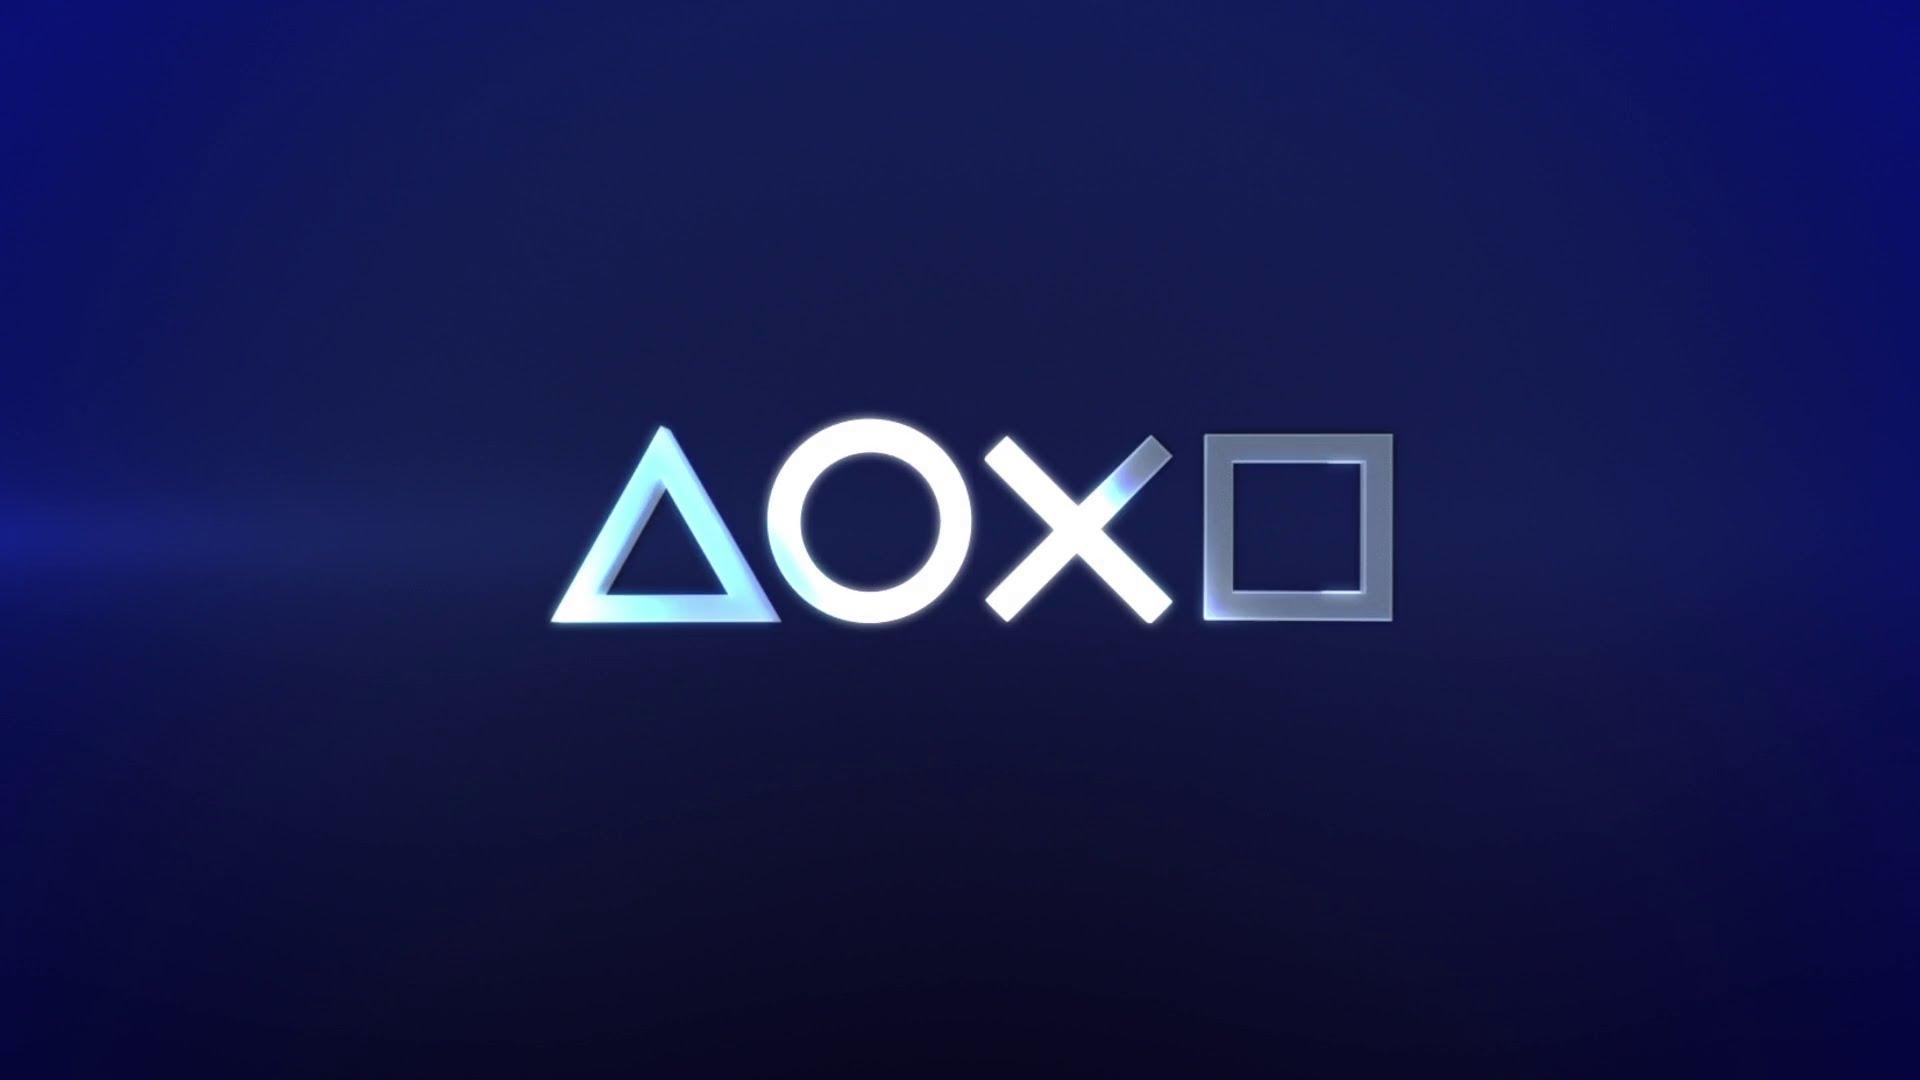 Er en Playstation 5 lansering nærmere enn vi tror?